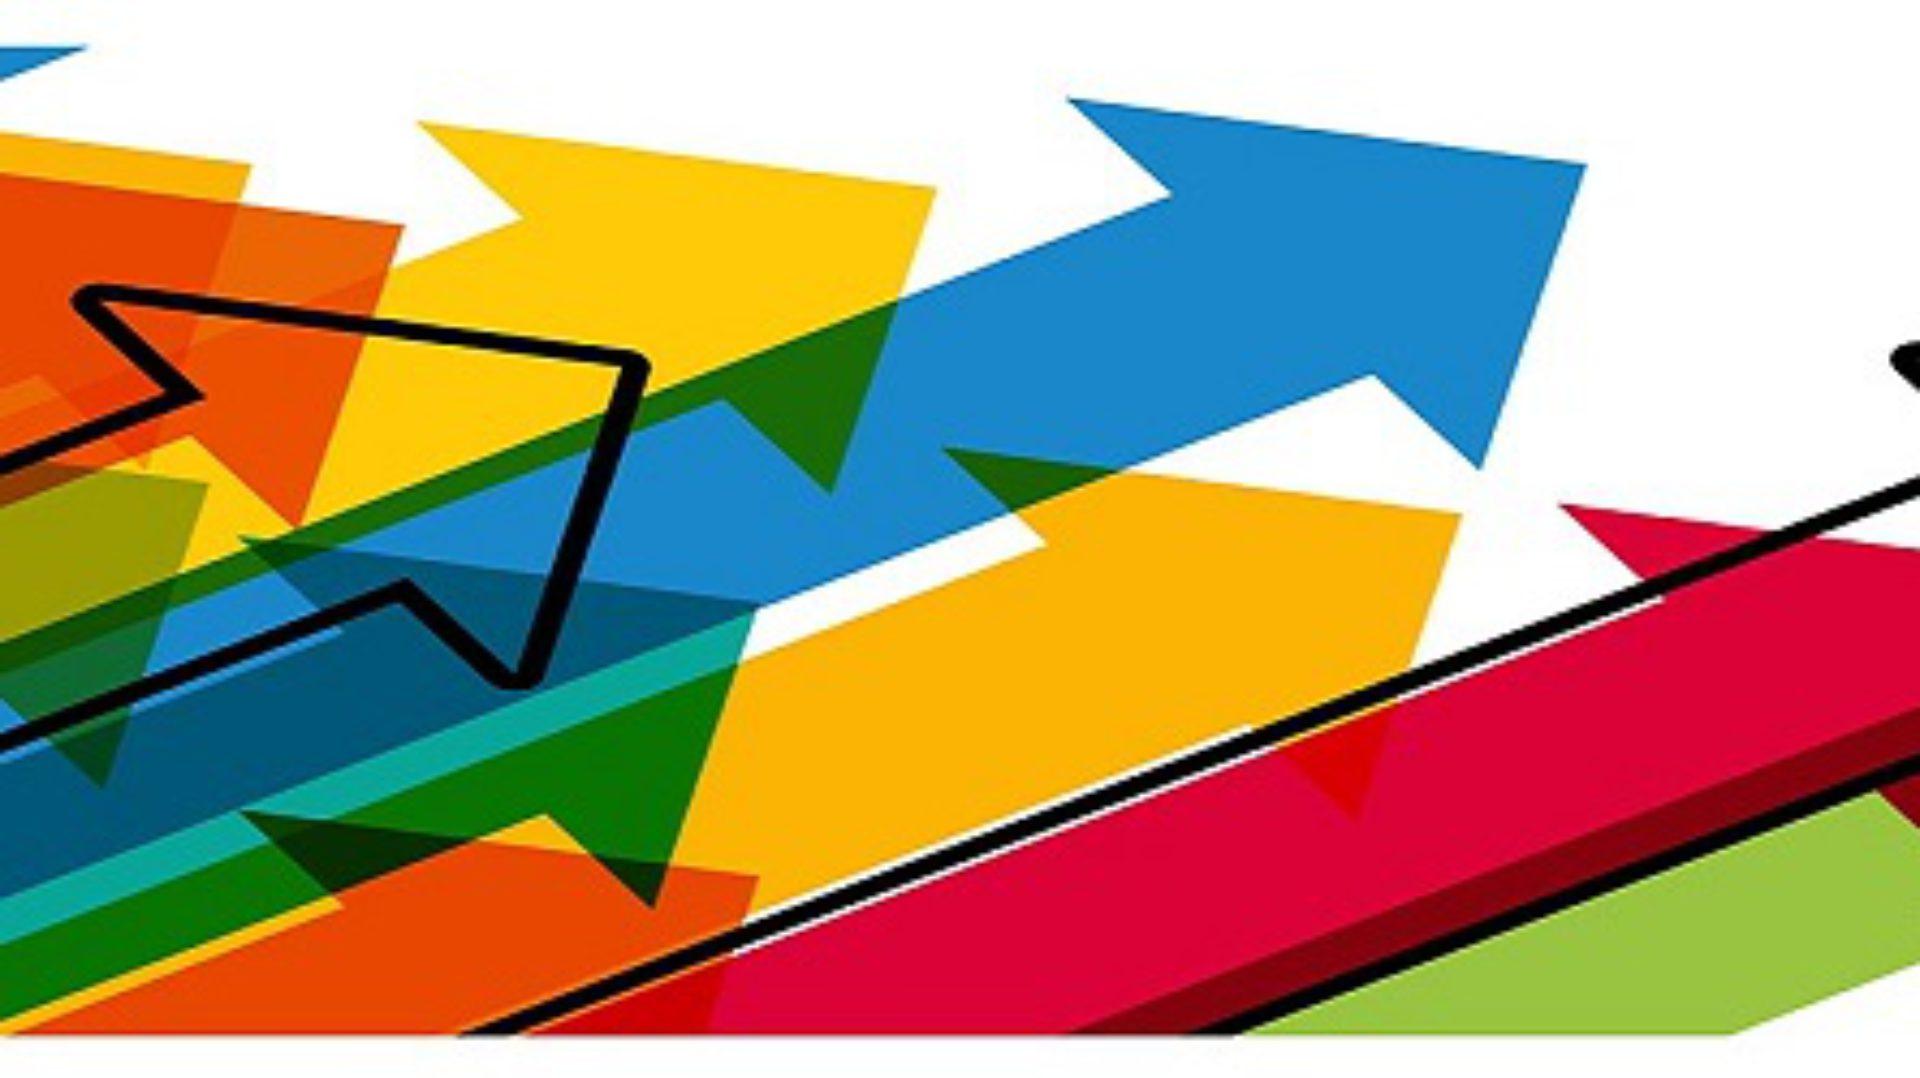 Κατασκευή ιστοσελίδων Online Επιχειρήσεις